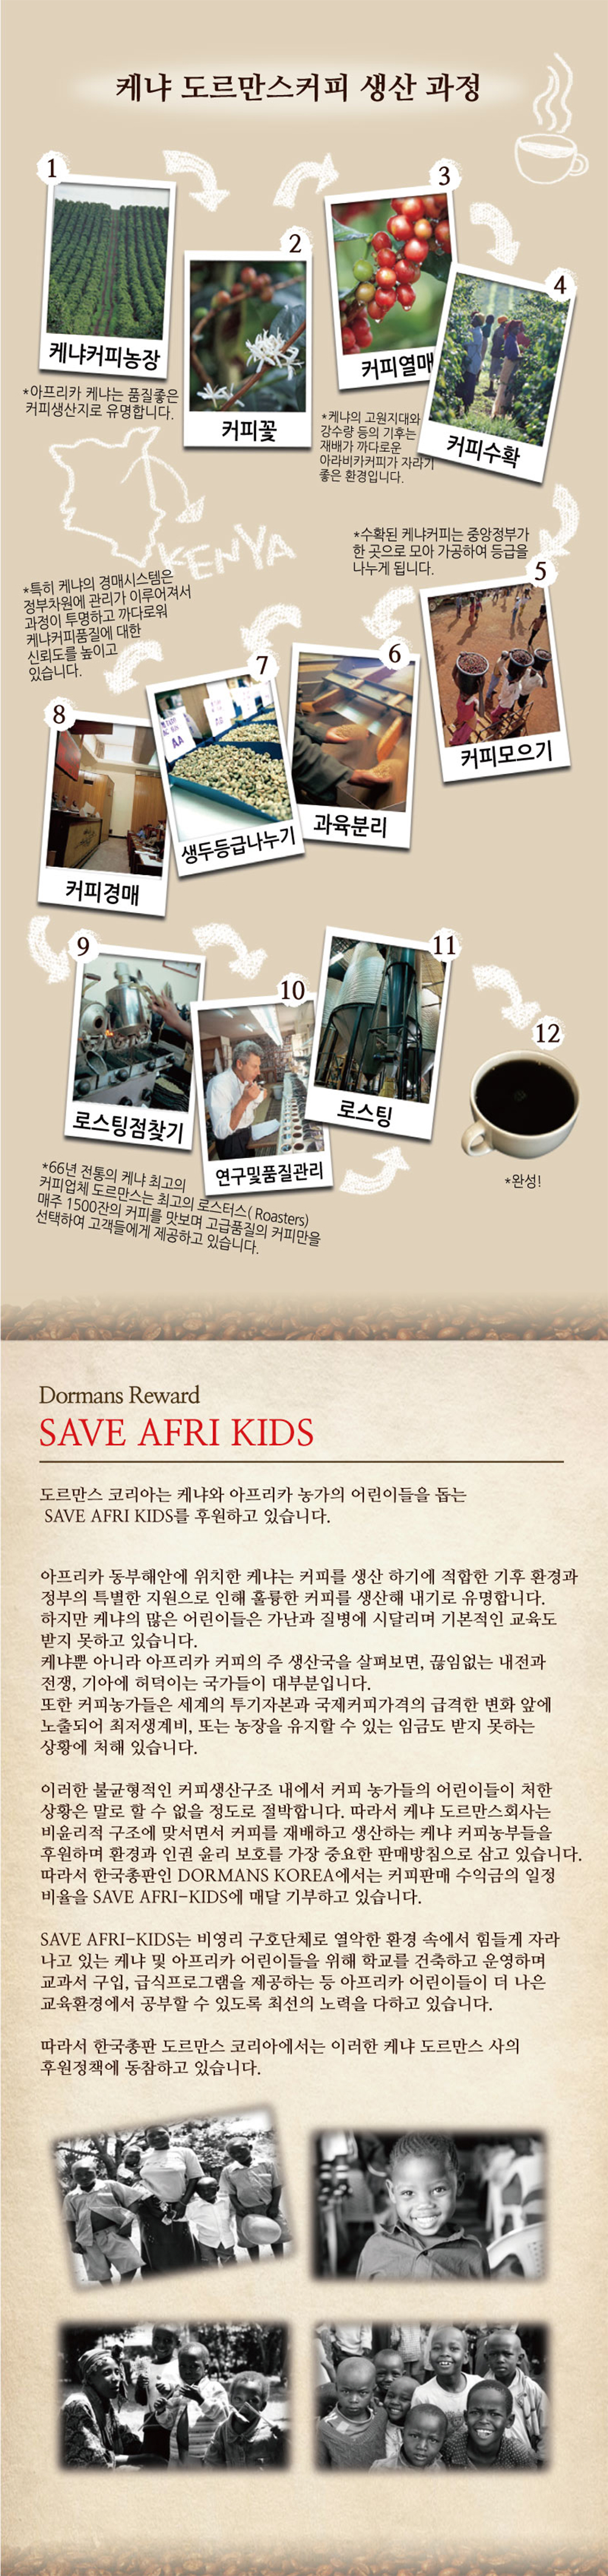 도르만스 케냐AA 인스턴트 블랙 커피 캔 트리플 세트 - 소프리스, 46,000원, 커피, 커피믹스/인스턴트커피